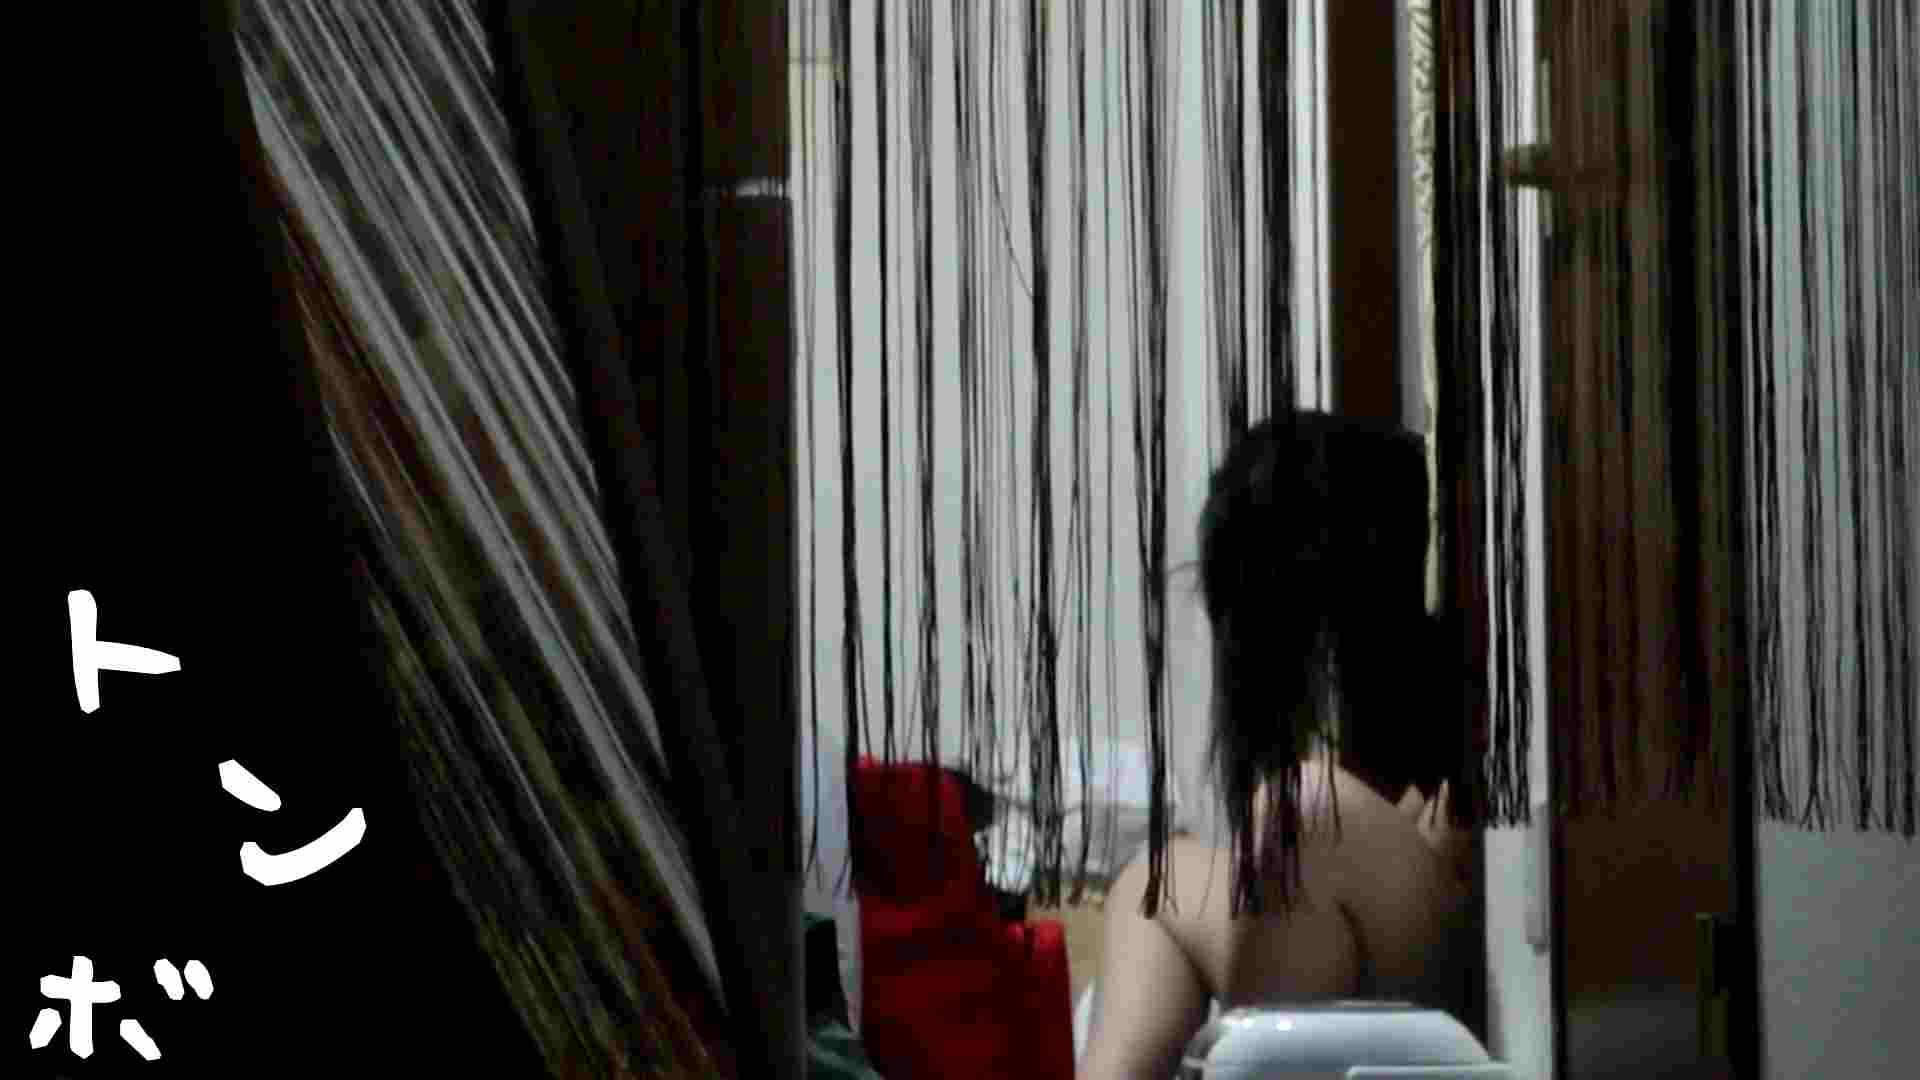 リアル盗撮 むっちりお女市さんの私生活ヌード 潜入エロ調査   高画質  78連発 40